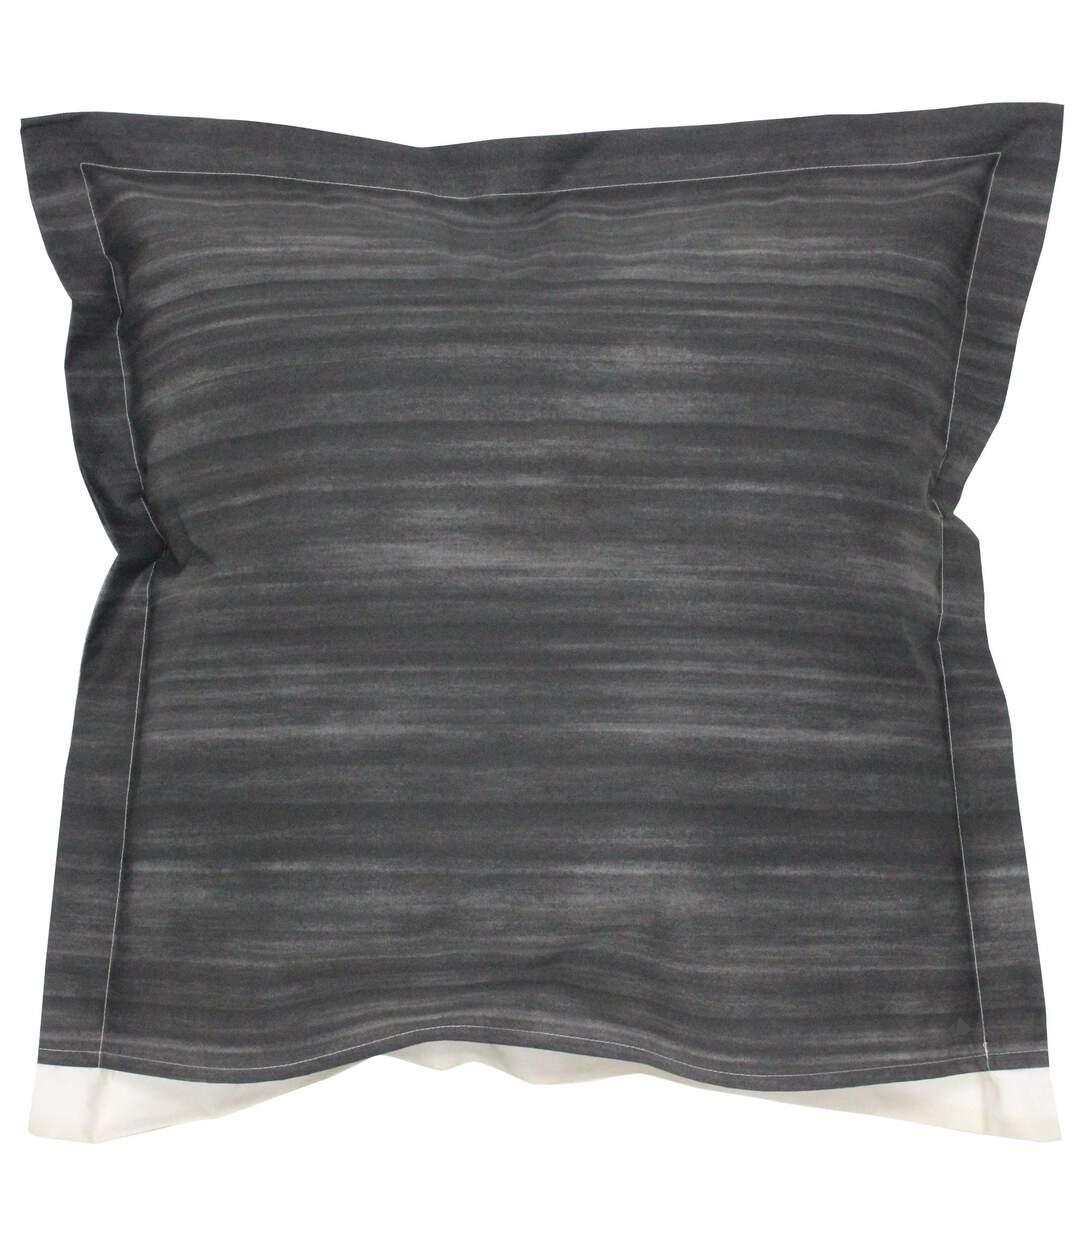 Parure de lit 200x200 cm Percale pur coton JAZZ GRIS 3 pièces